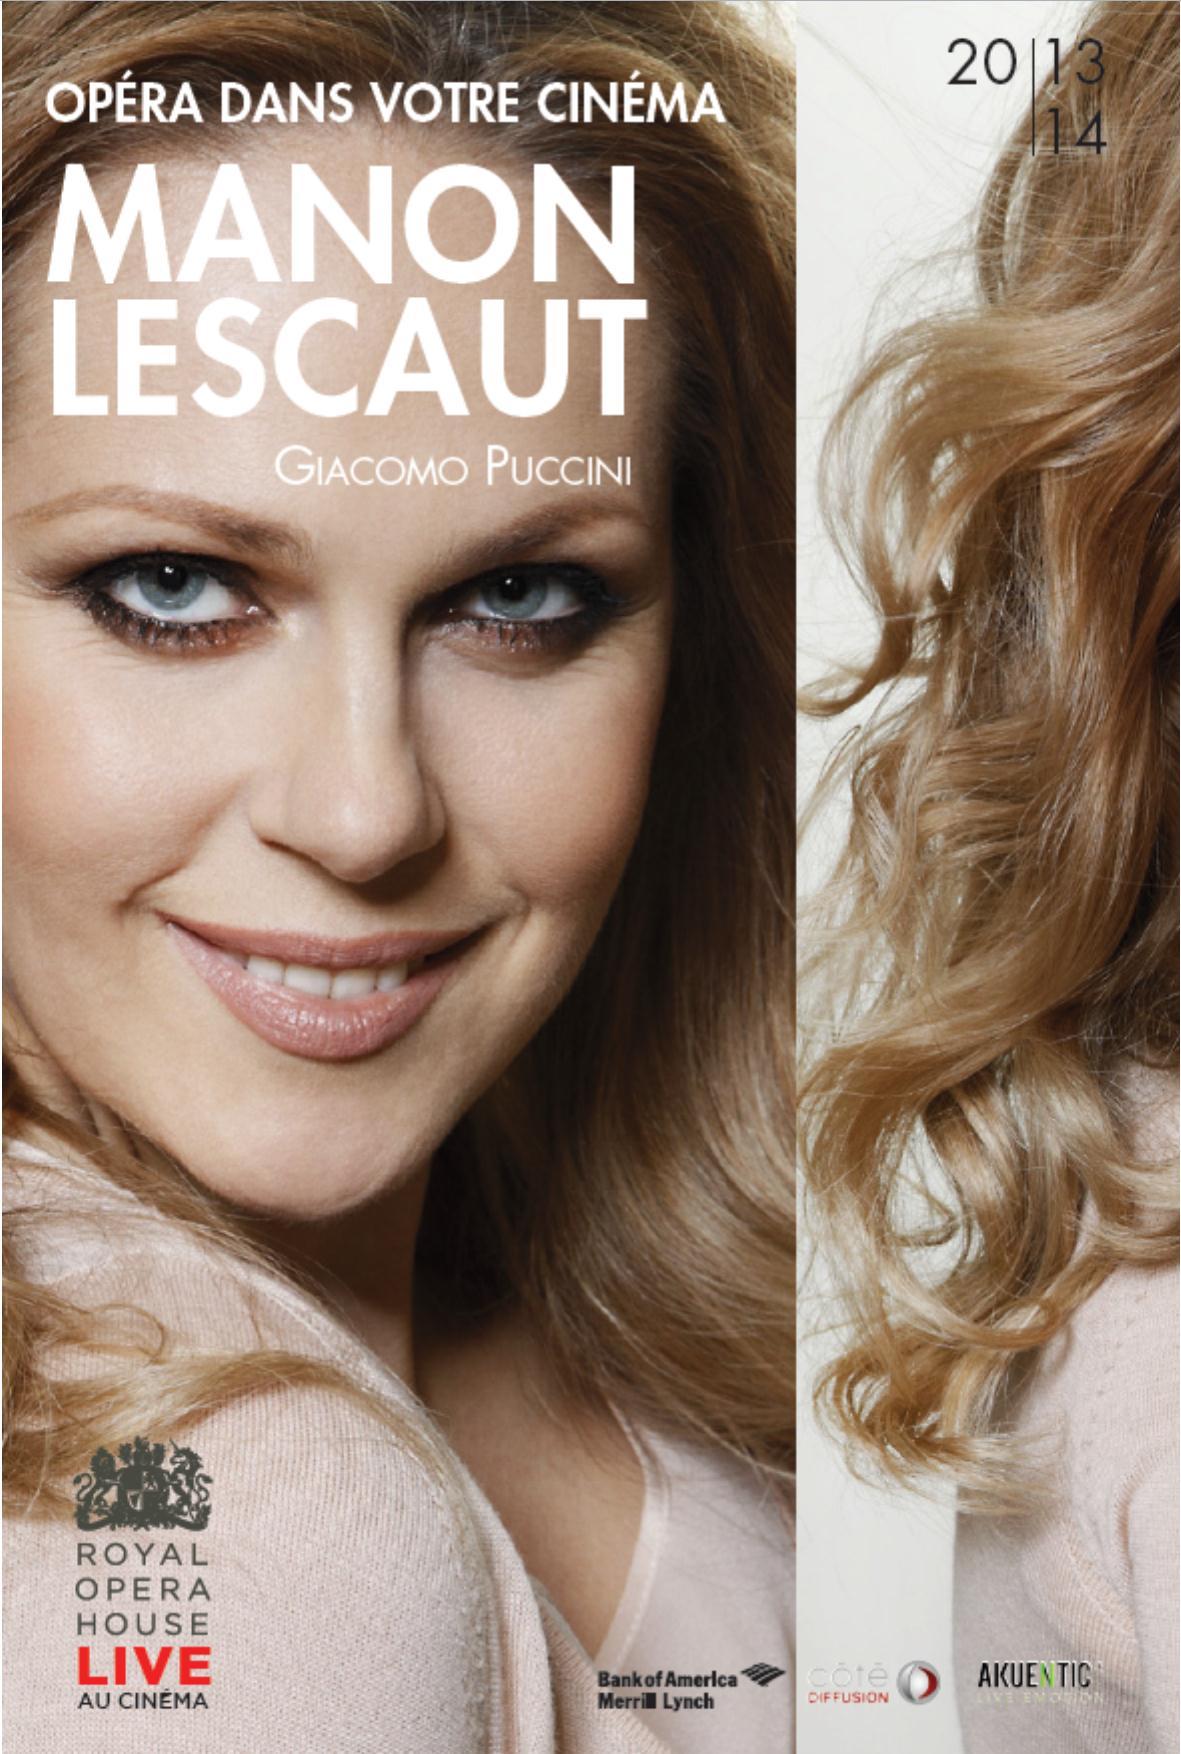 Le Rexy - Opéra Manon Lescaut @ Le rexy